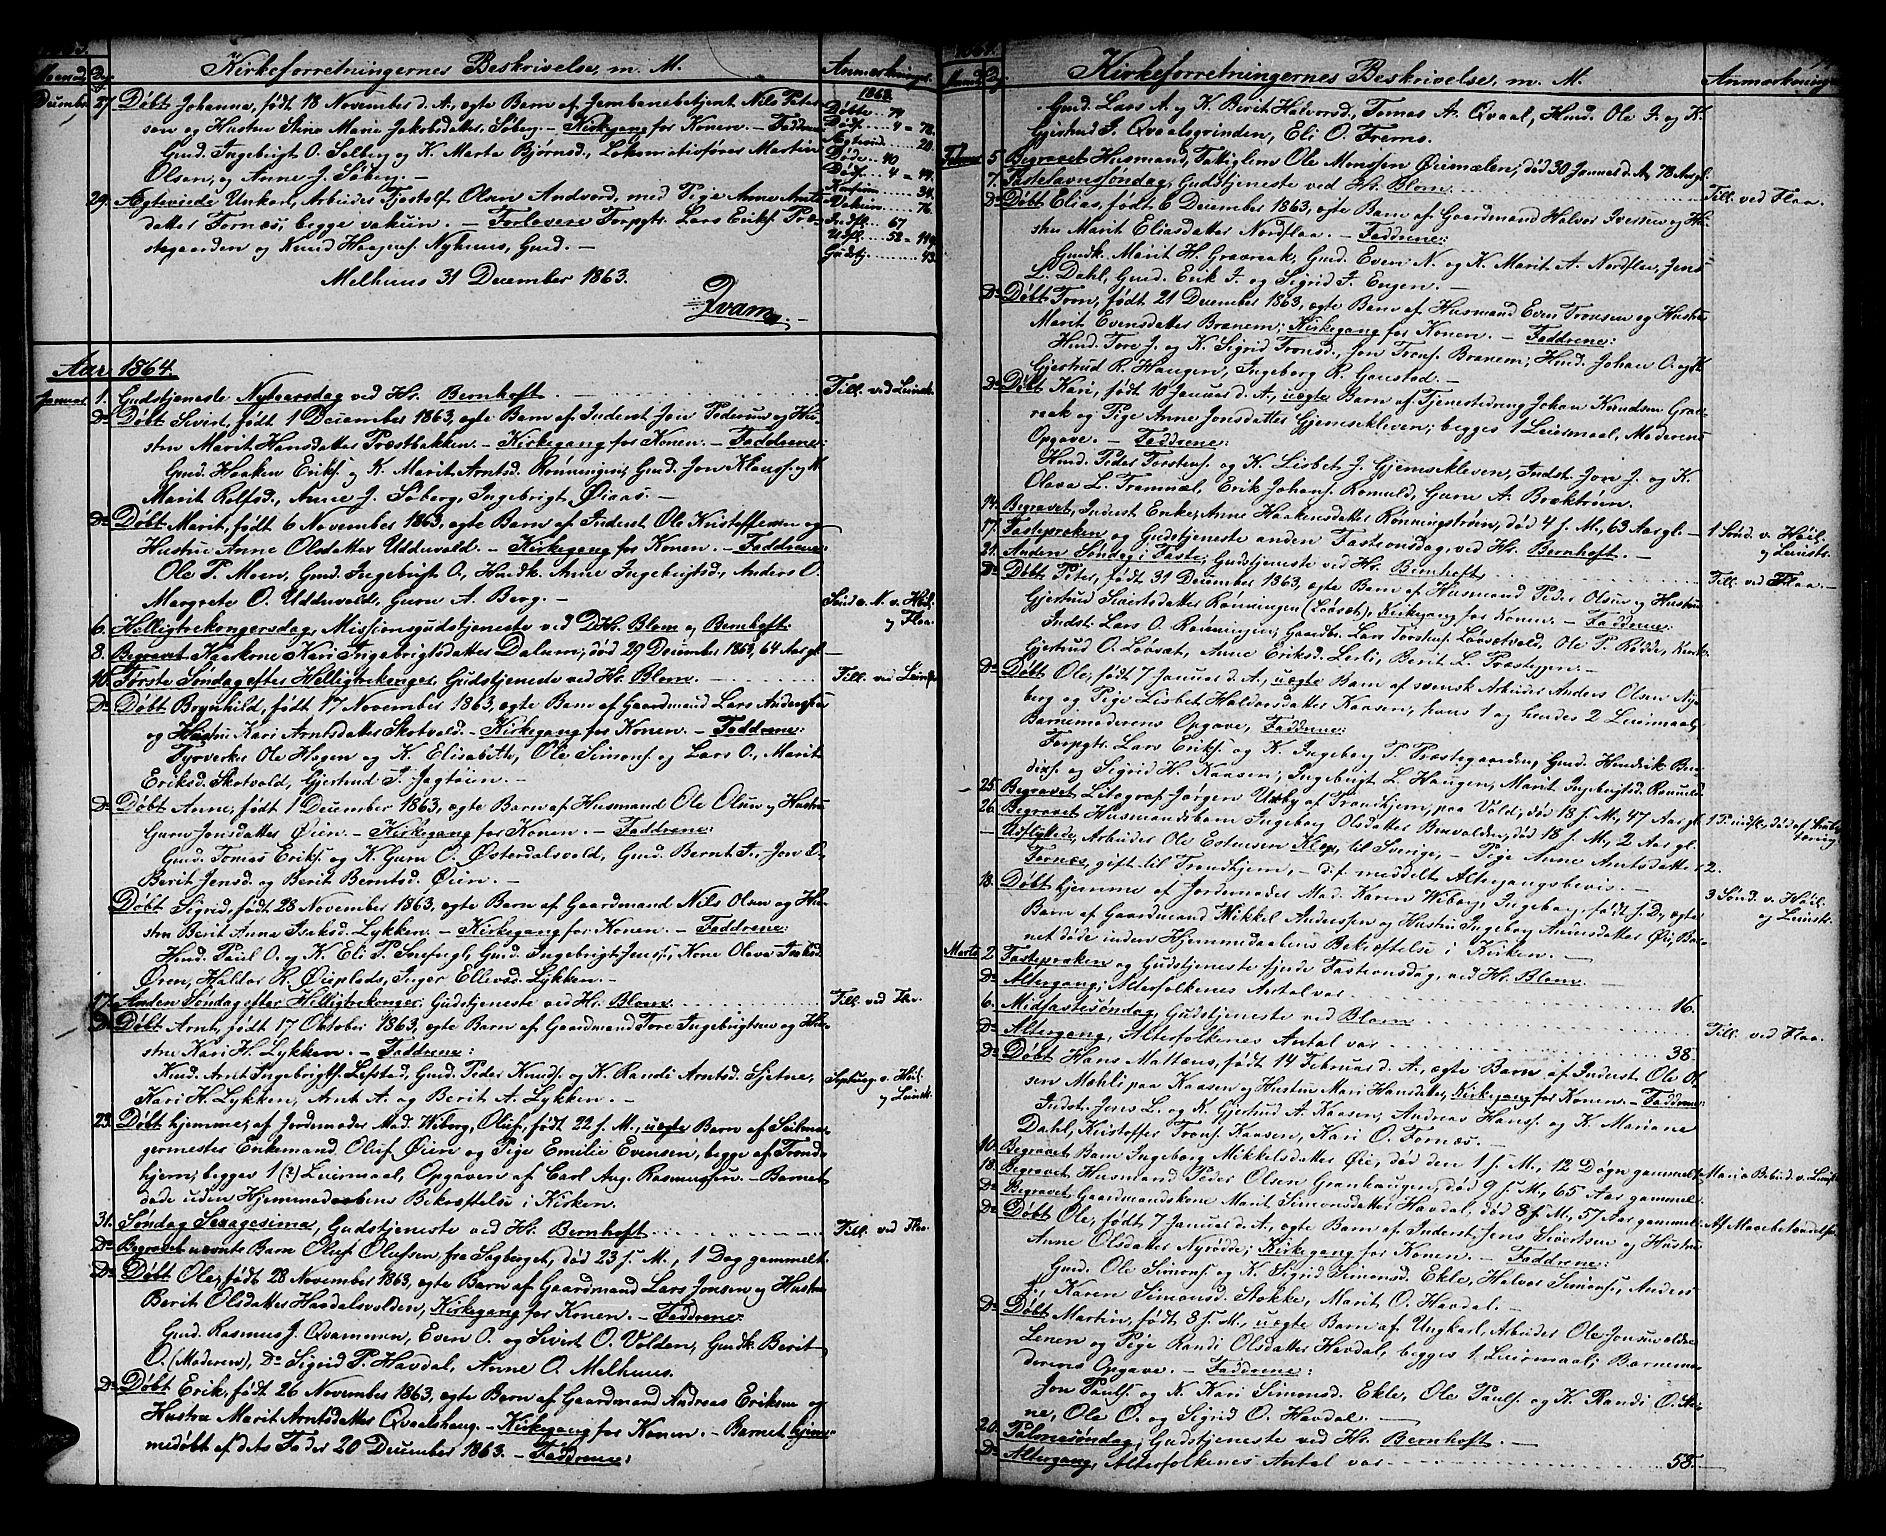 SAT, Ministerialprotokoller, klokkerbøker og fødselsregistre - Sør-Trøndelag, 691/L1093: Klokkerbok nr. 691C04, 1852-1879, s. 74